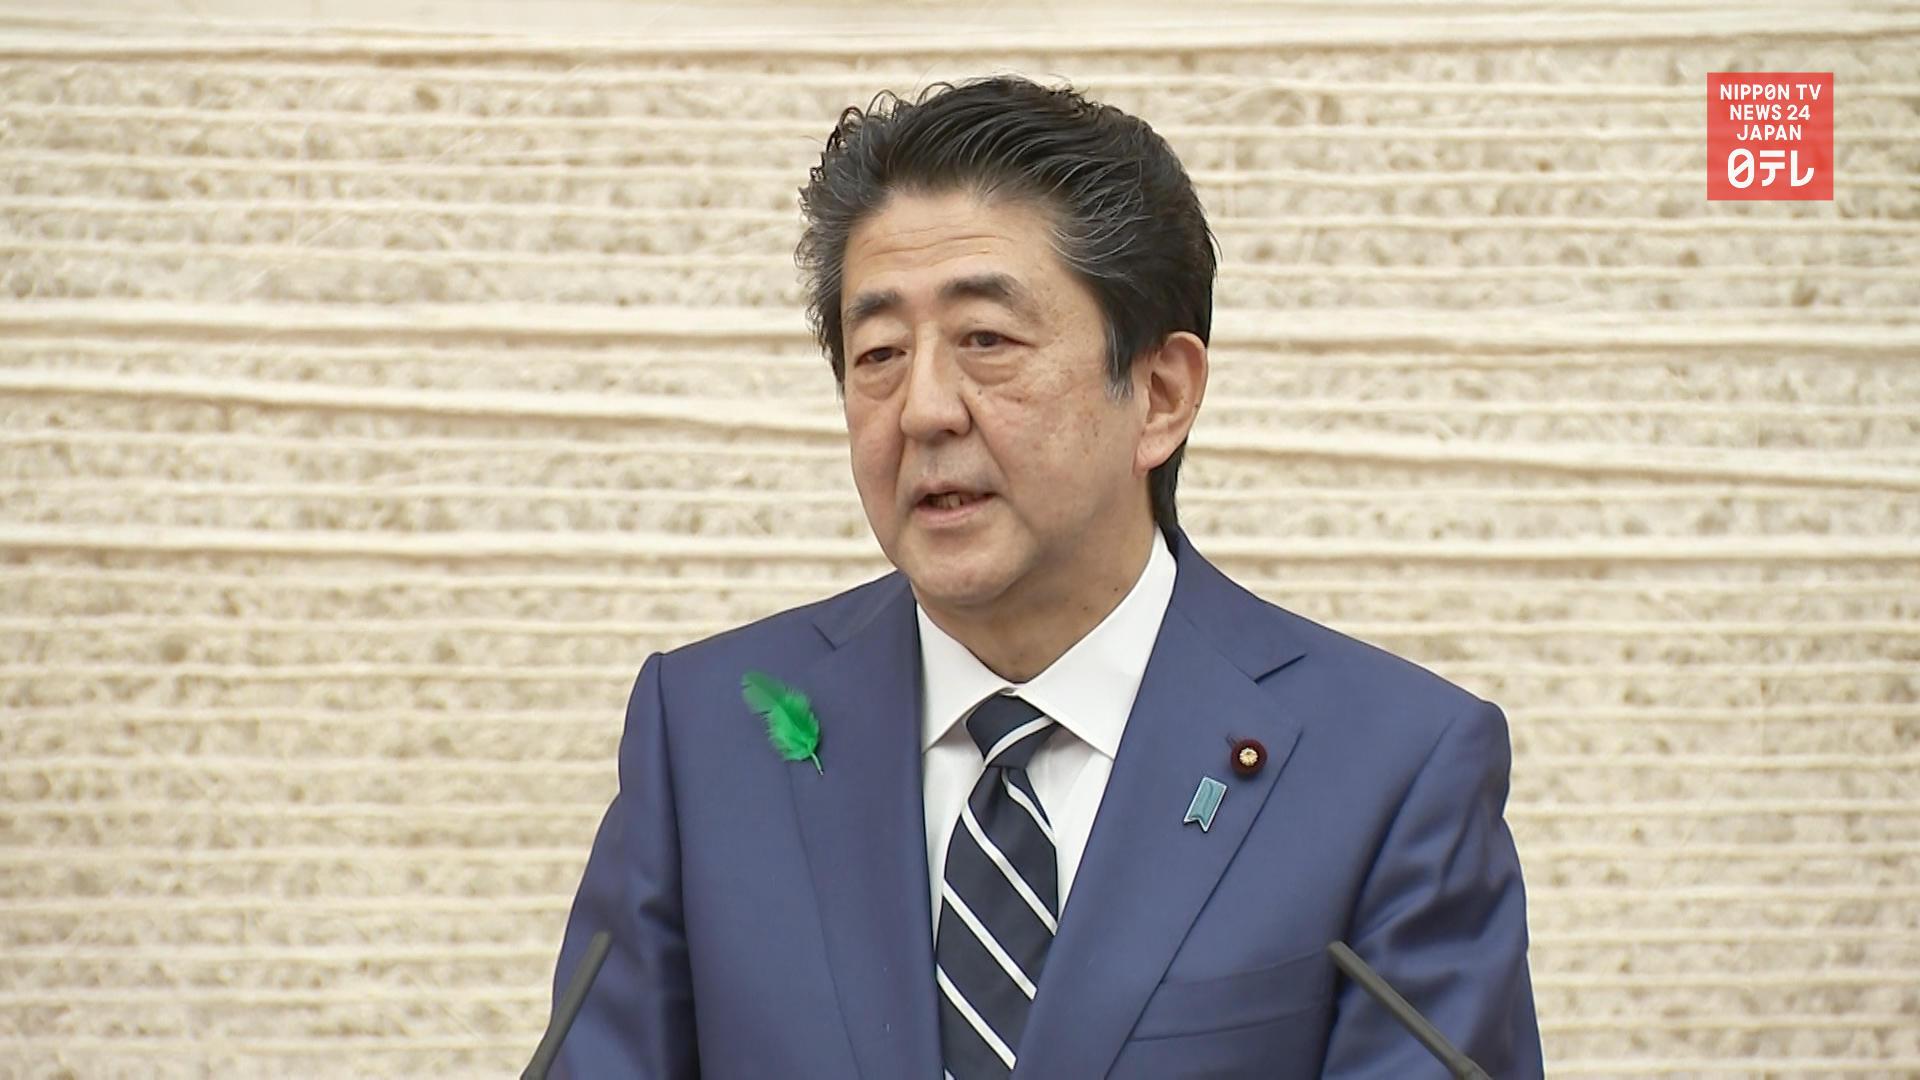 Abe urges public to decrease interaction, vows speedy cash handout